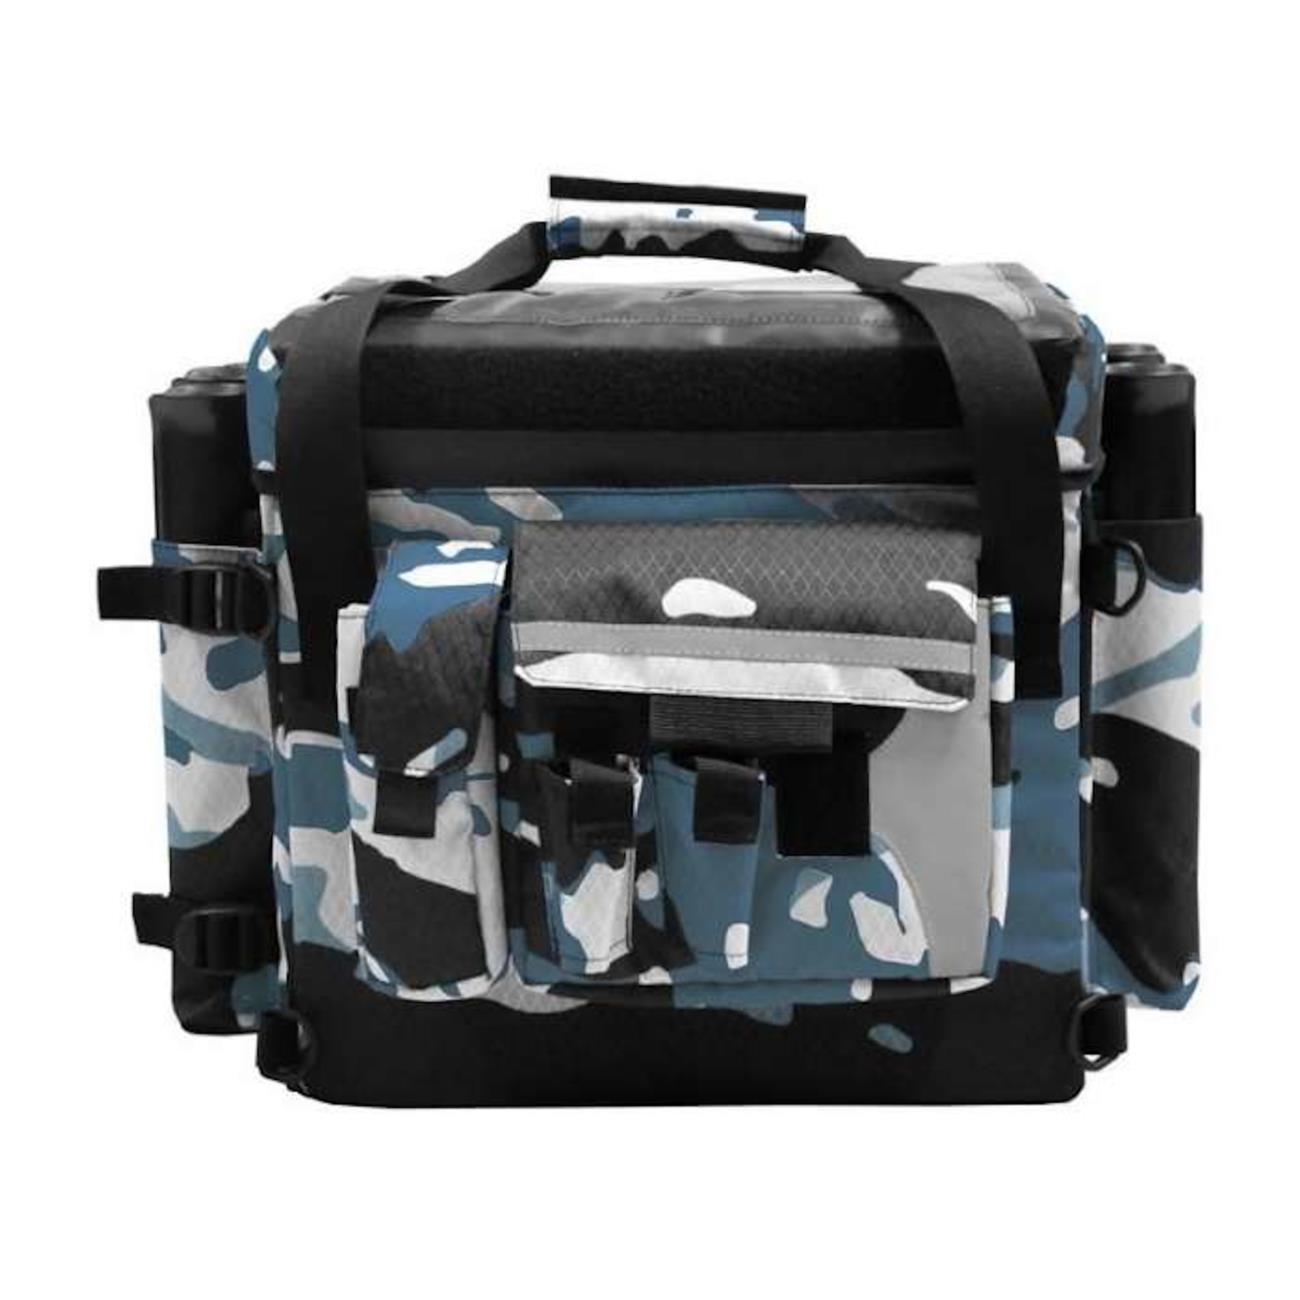 https://feelfreekayak.eu/1101-small_default/crate-bag-blue-camo.jpg